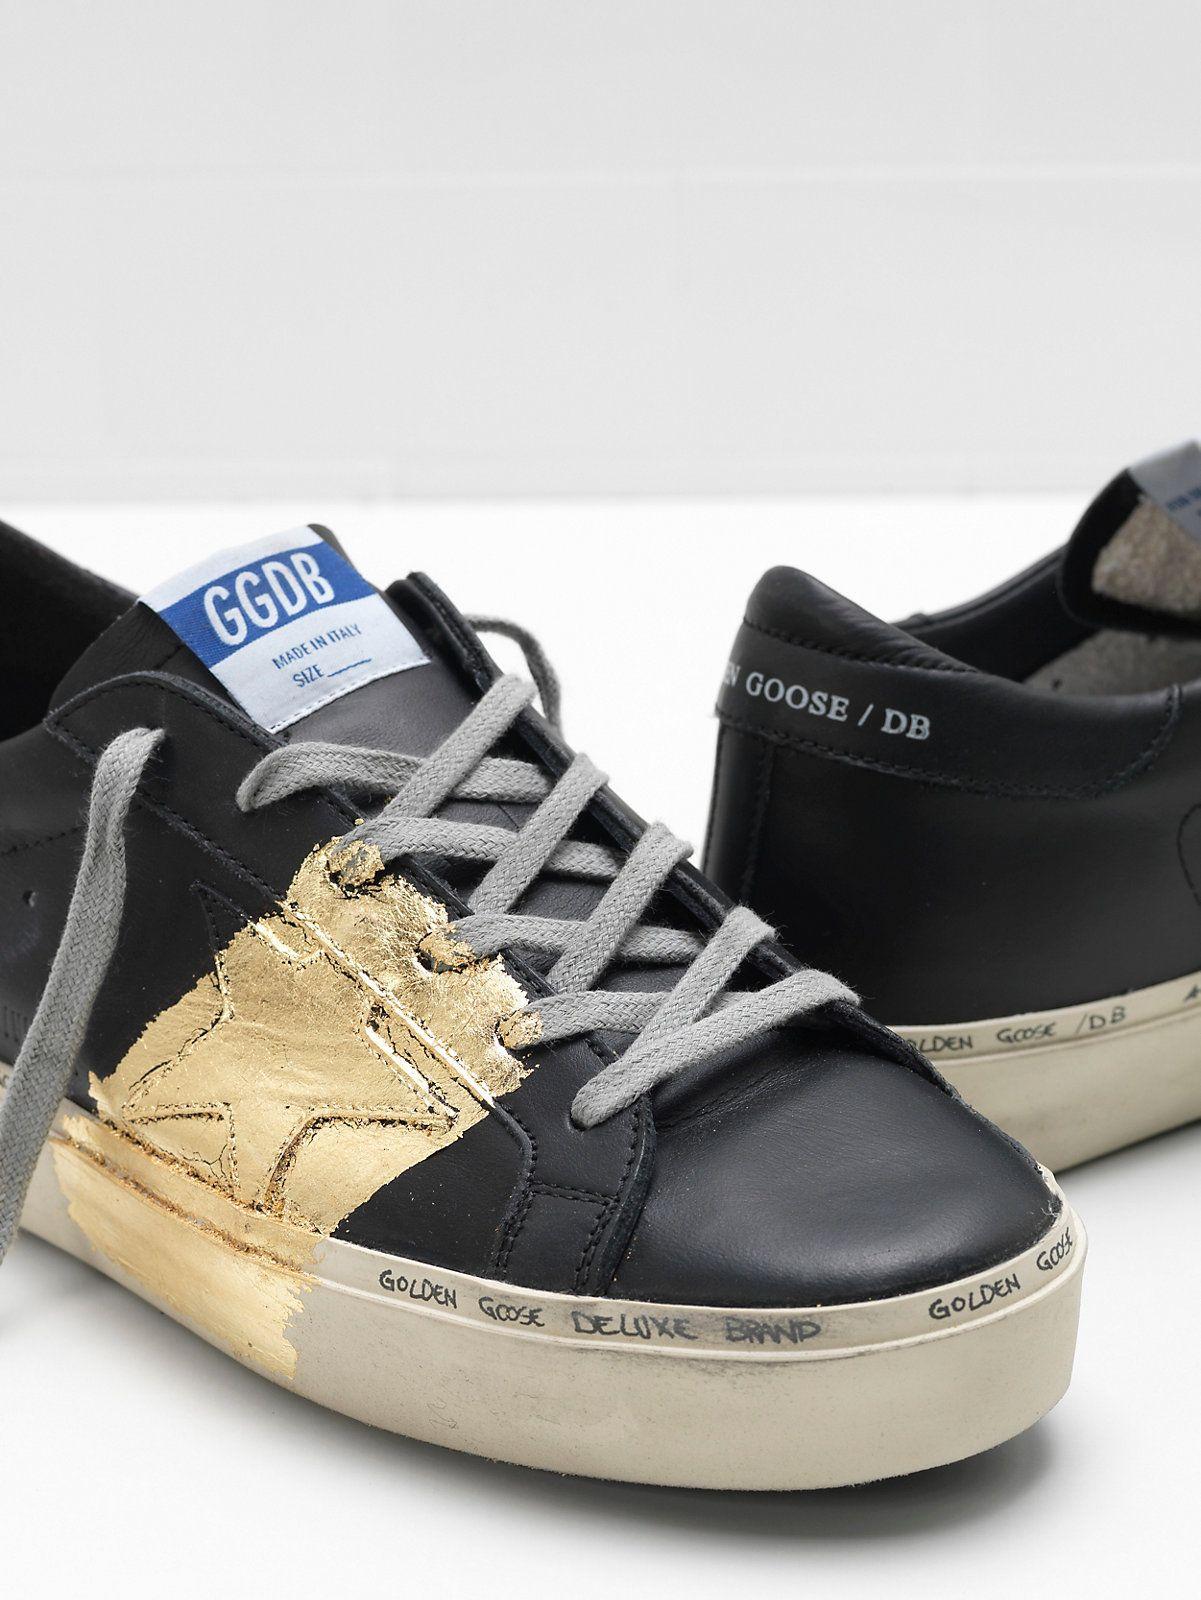 5022a94d0b0d HI STAR - 33E945-A2SN - Golden Goose Deluxe Brand - Official Website ...